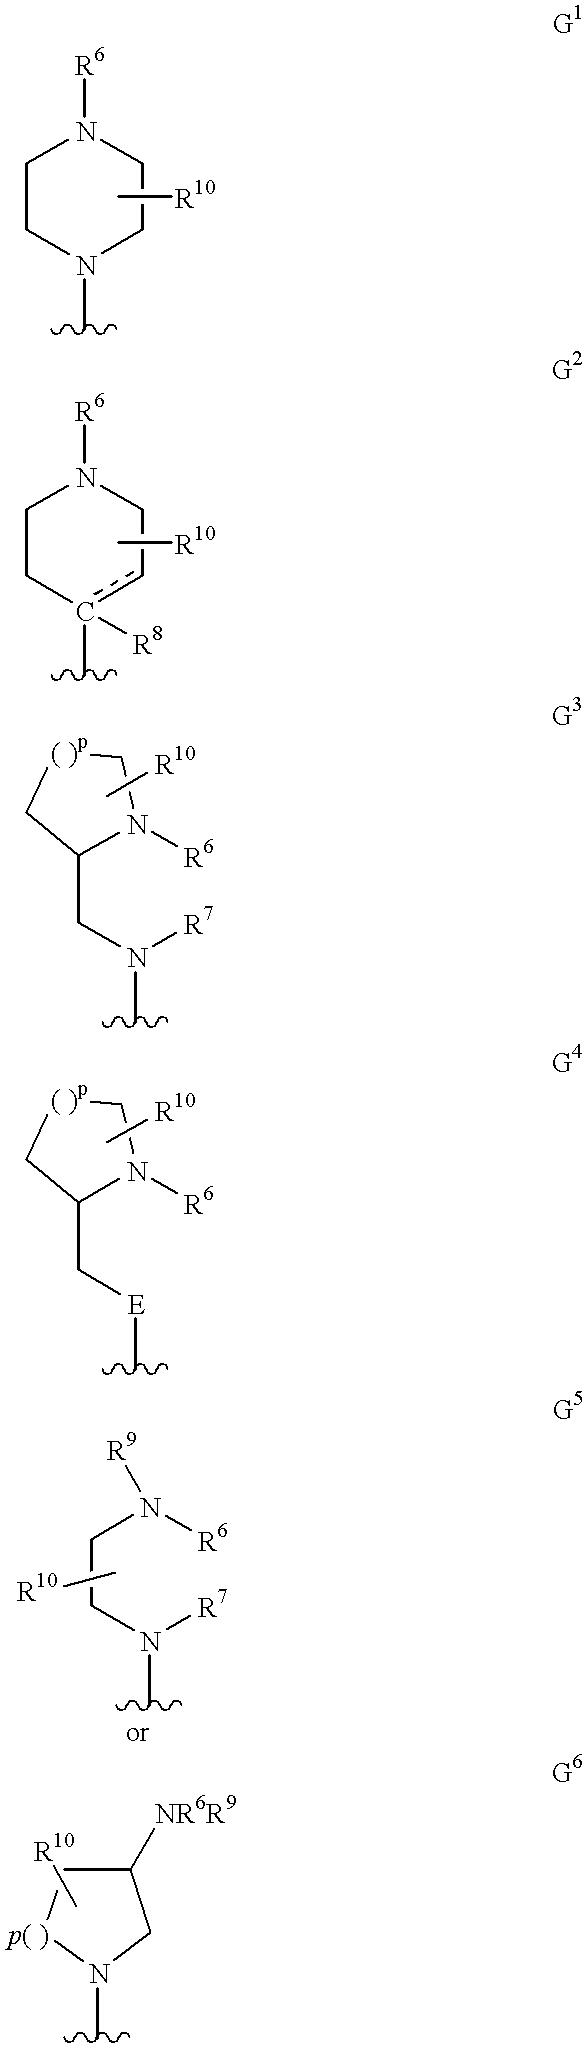 Figure US06277852-20010821-C00006